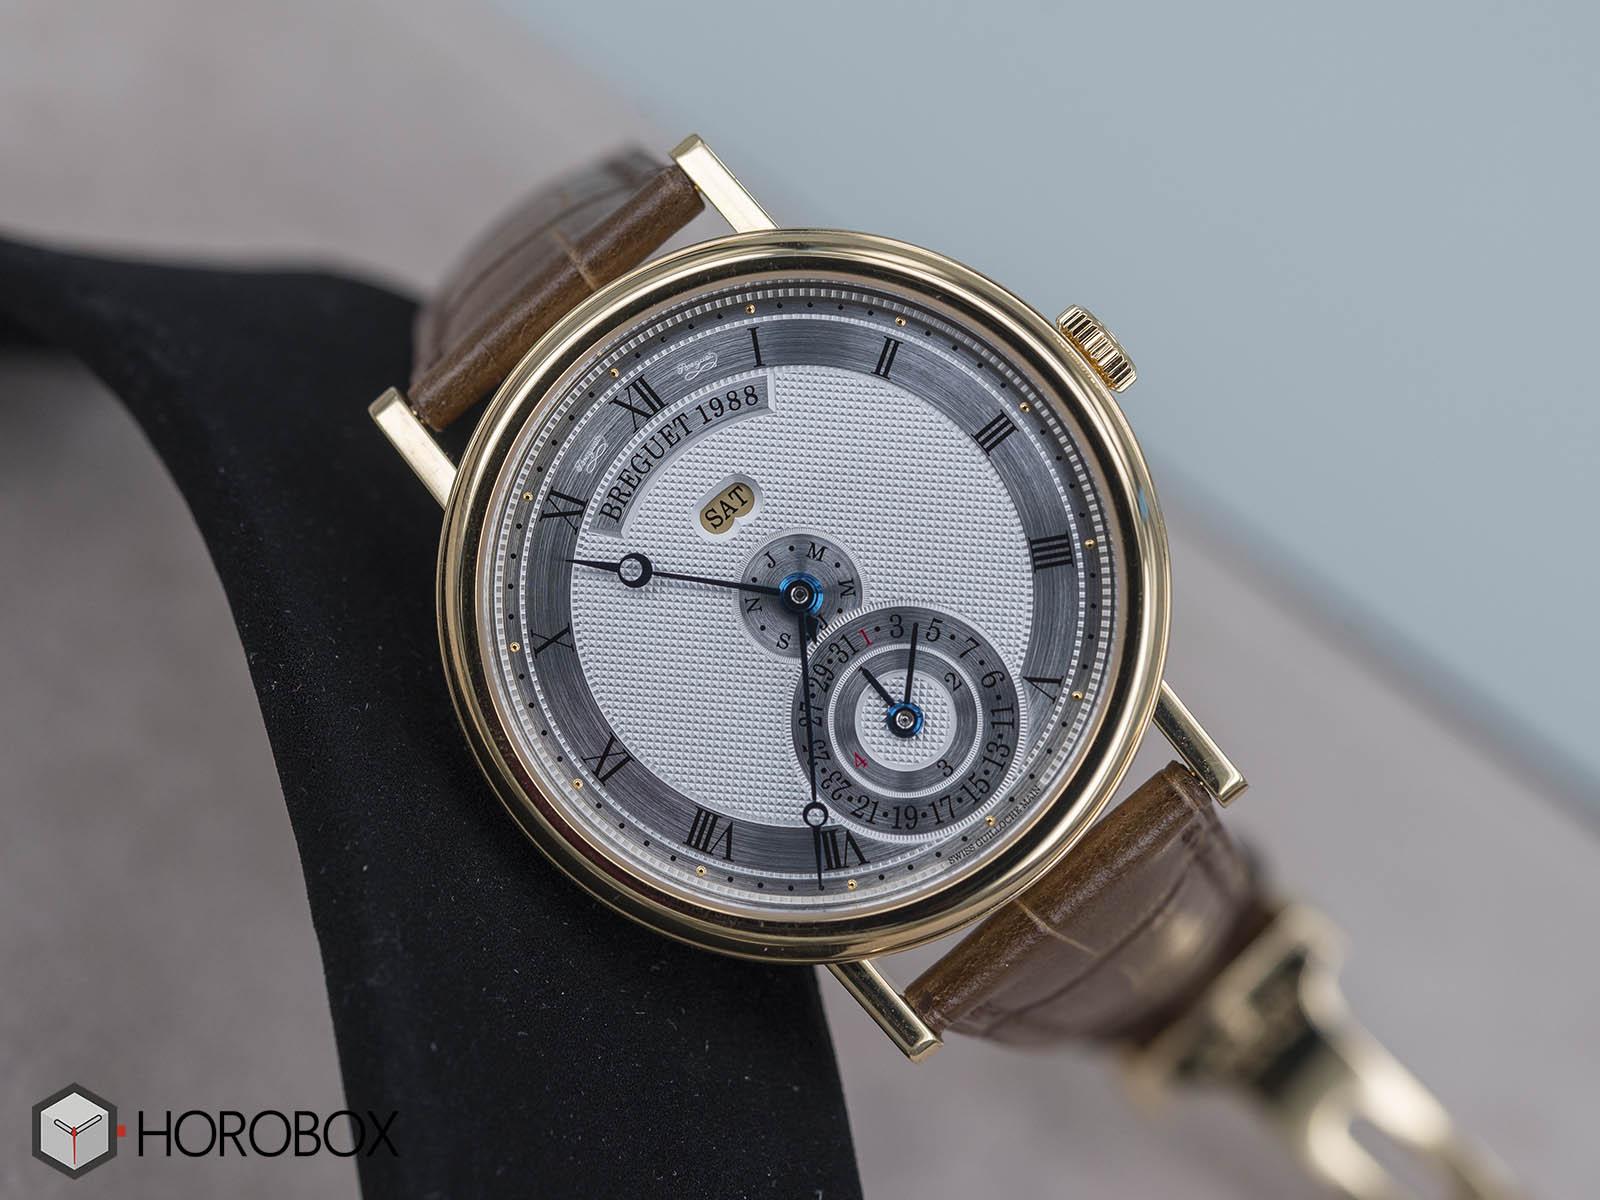 breguet-classique-quantieme-perpetual-en-ligneonlywatch.jpg